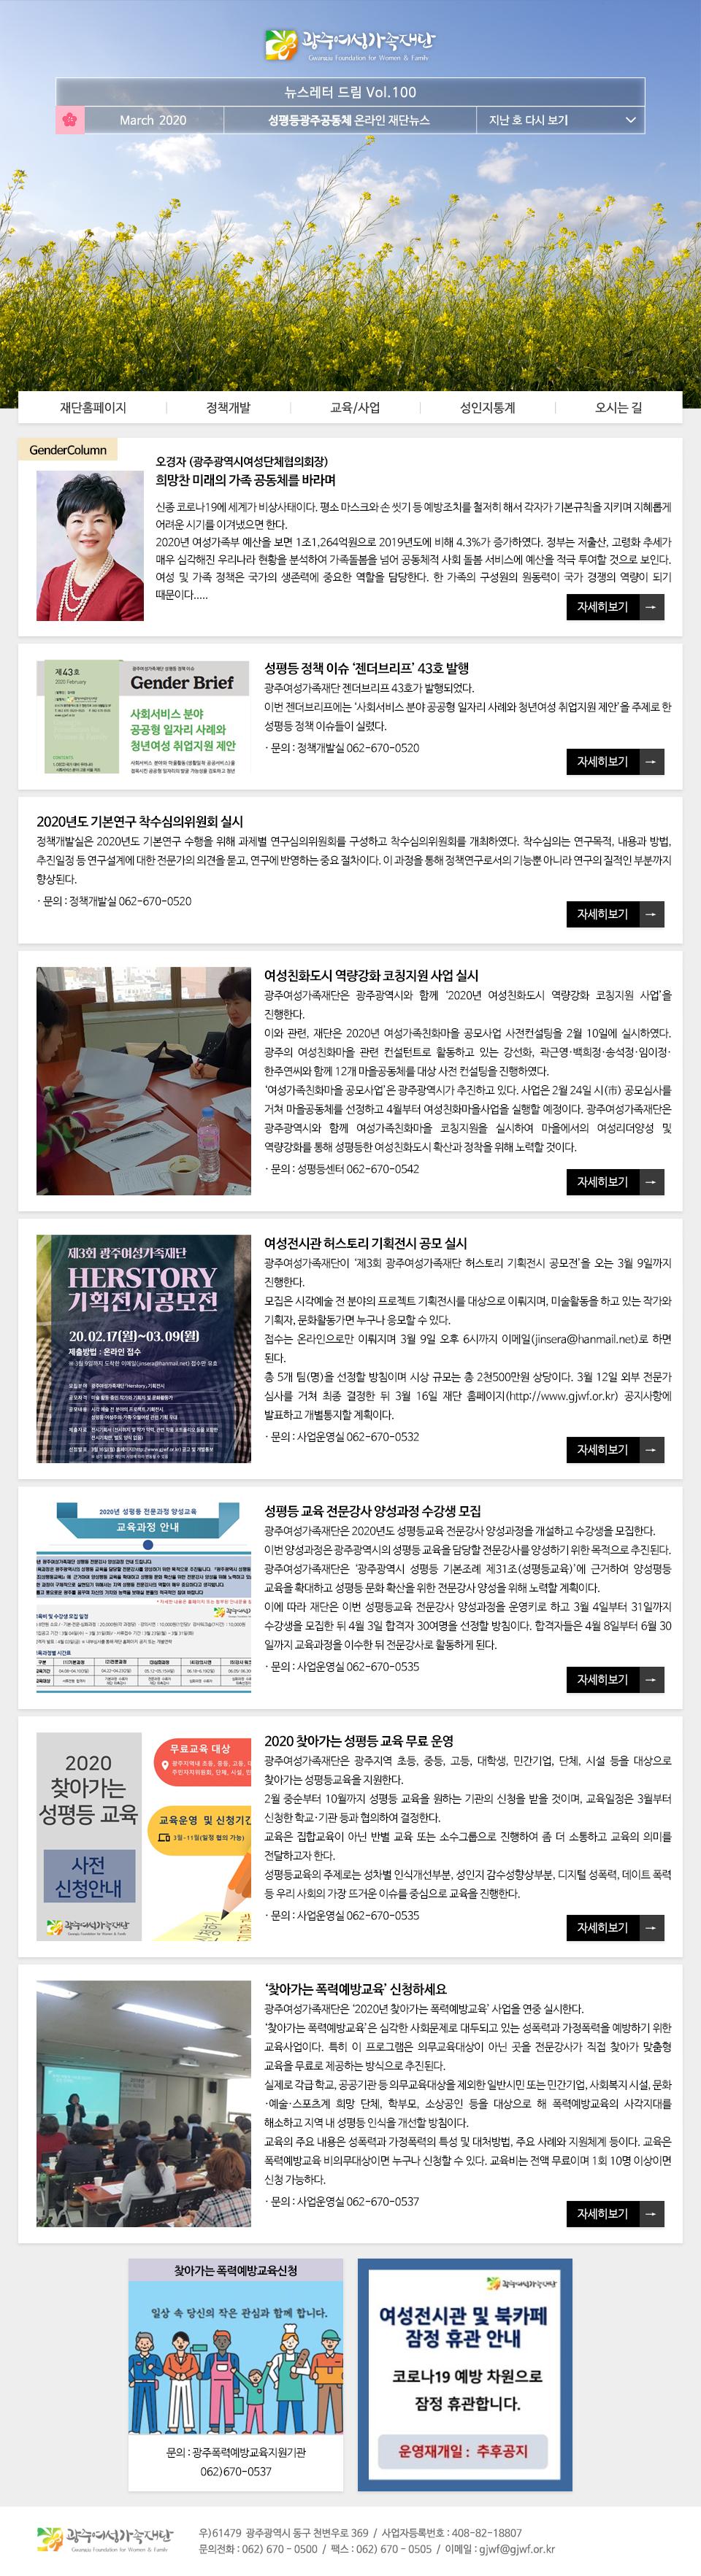 뉴스레터 드림 100호(20.3월) 썸네일